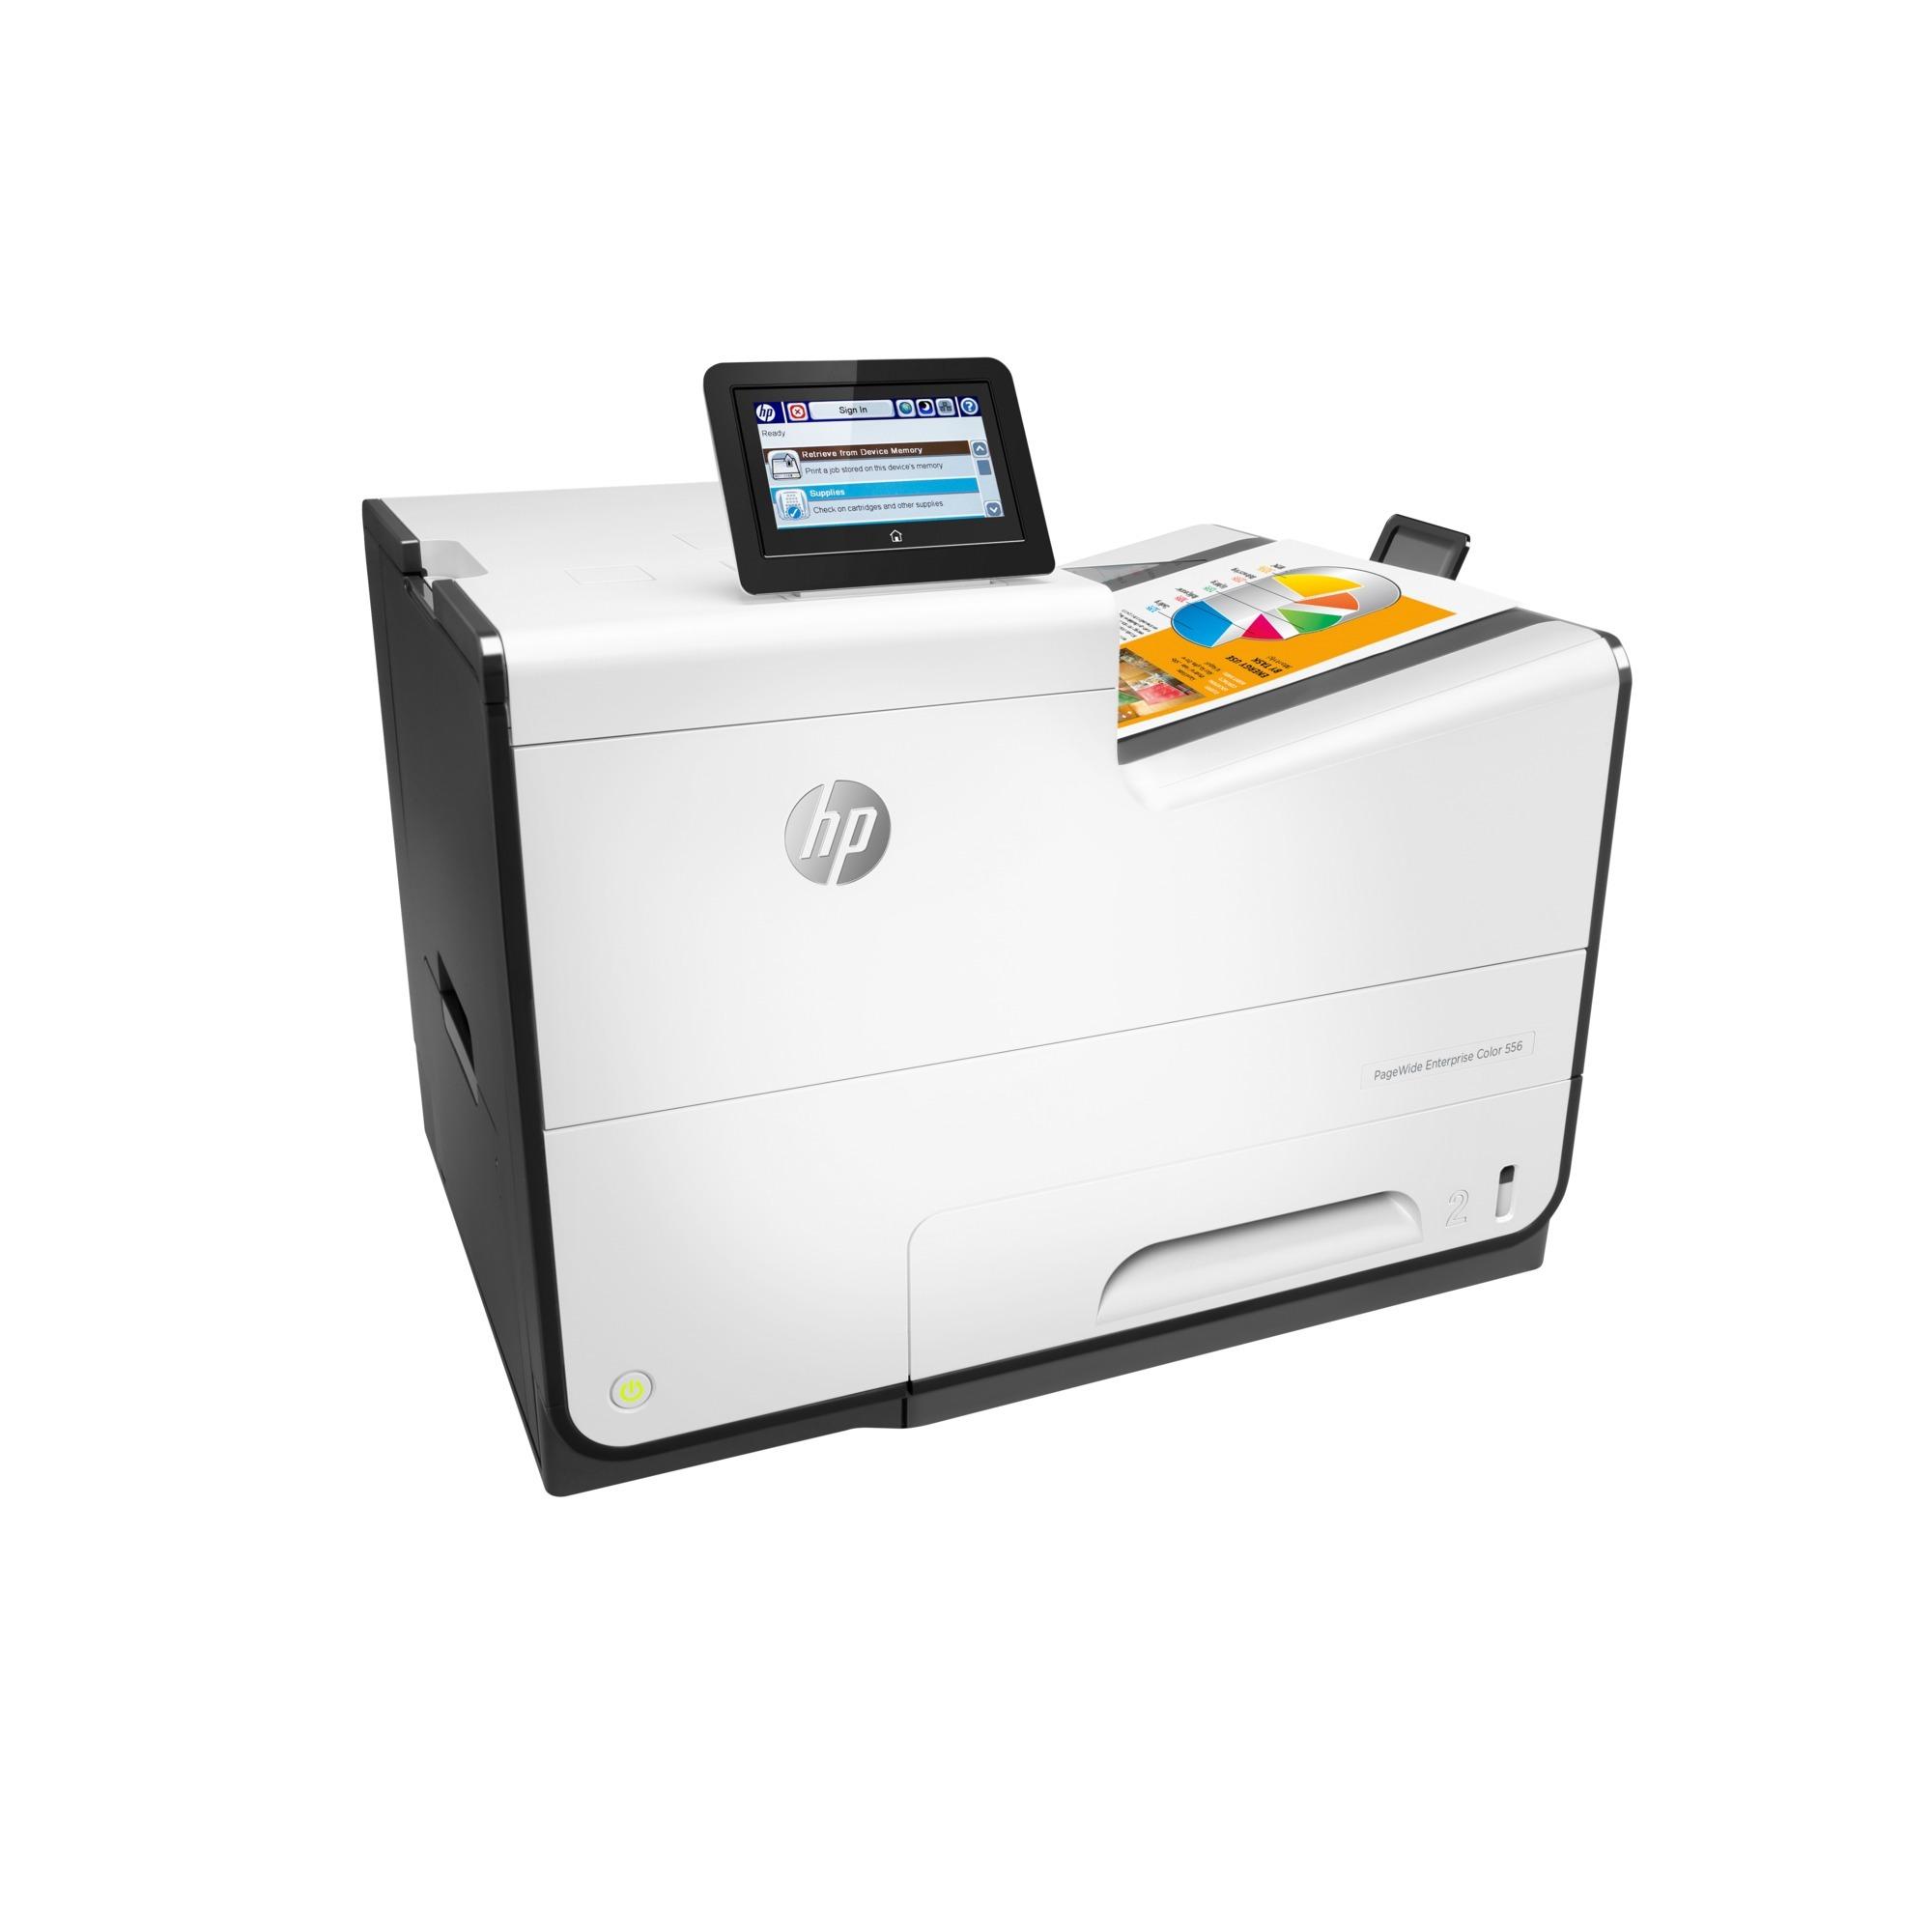 Imprimante couleur PageWide Enterprise 556dn, Imprimante jet d'encre